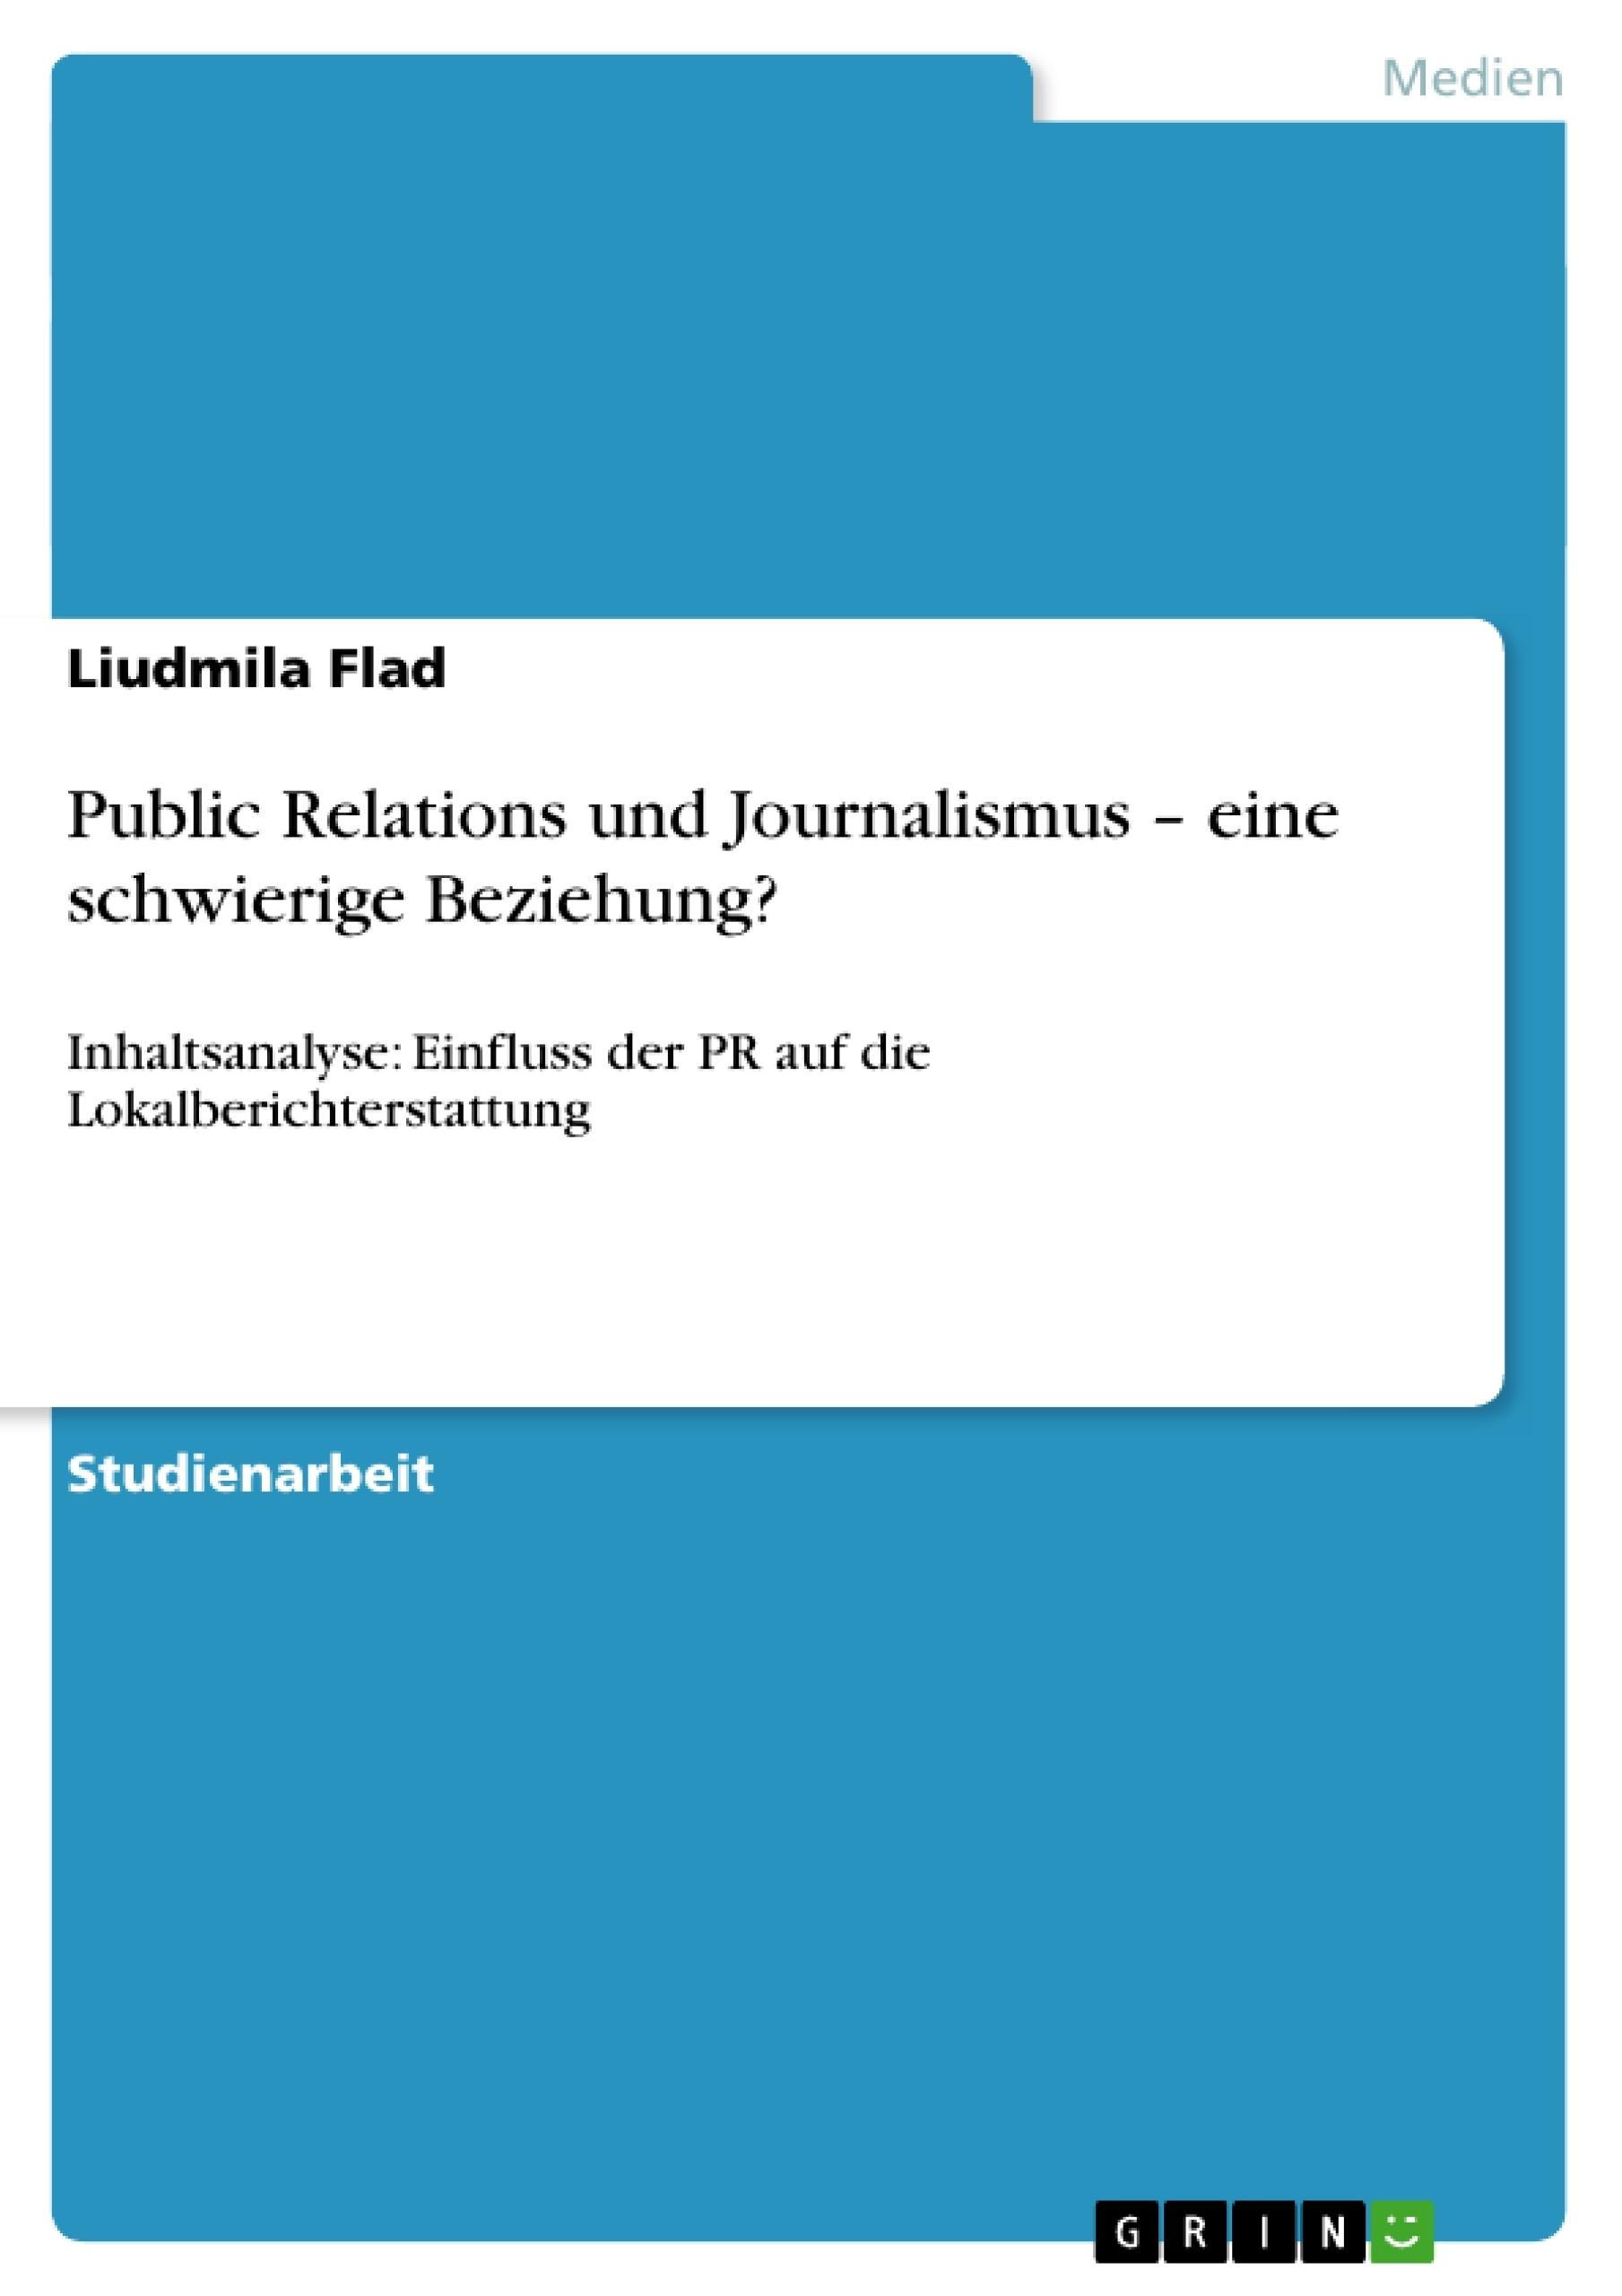 Titel: Public Relations und Journalismus –  eine schwierige Beziehung?